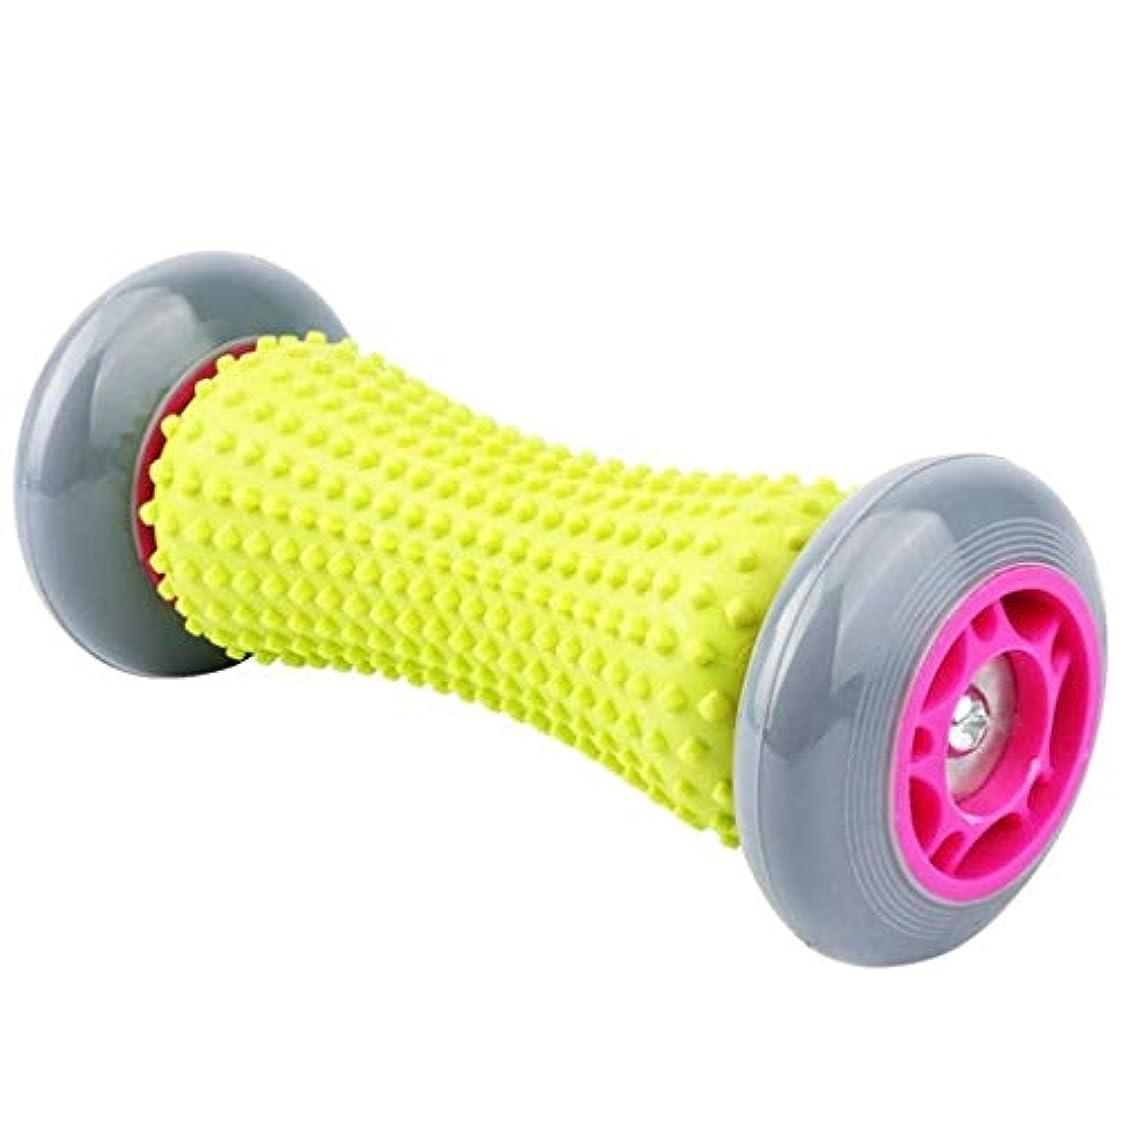 振る舞い見出しブーム足底筋膜炎とリフレクソロジーマッサージを緩和するために使用されるフットマッサージャー、フットマッサージボール、背中と脚のタイトな筋肉を回復するための深いツボ (Color : Grey)